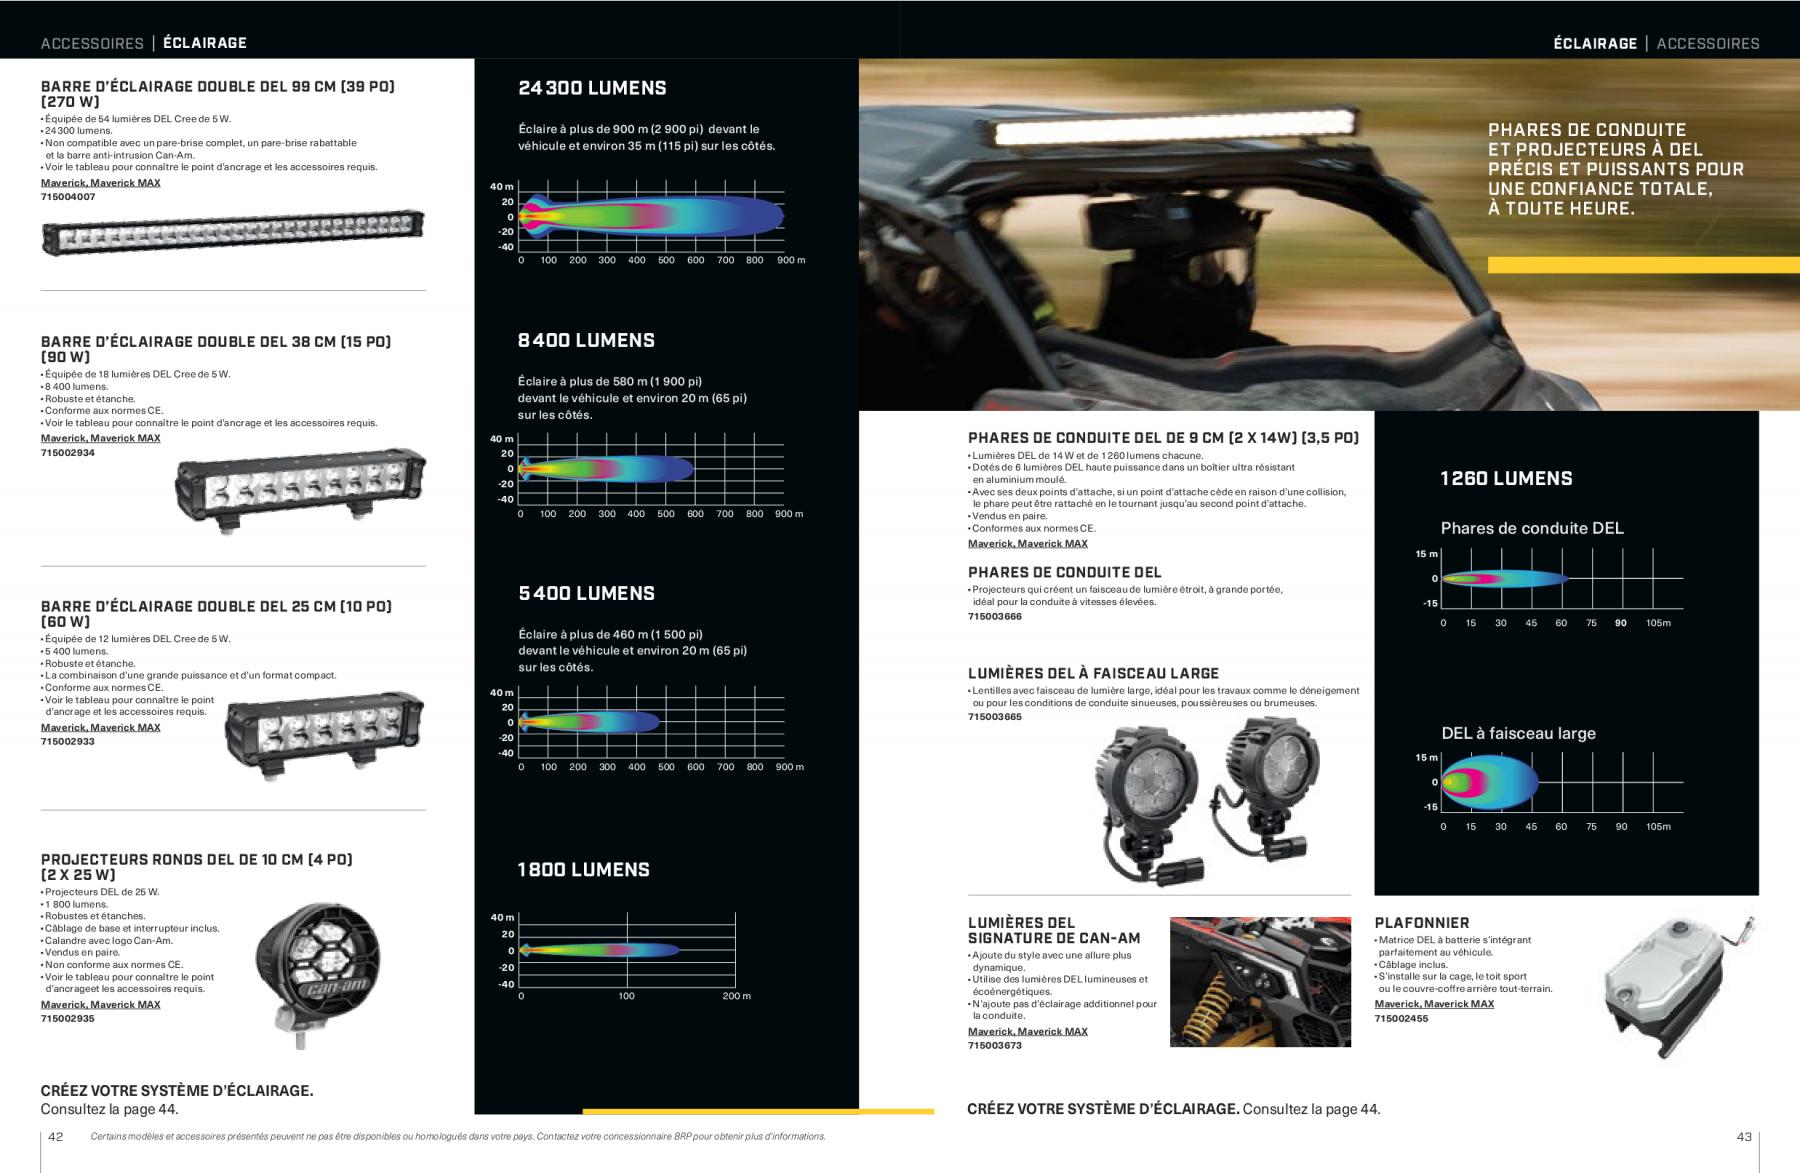 catalogue-accessoires-can-am-off-road-2021-maverick-X22